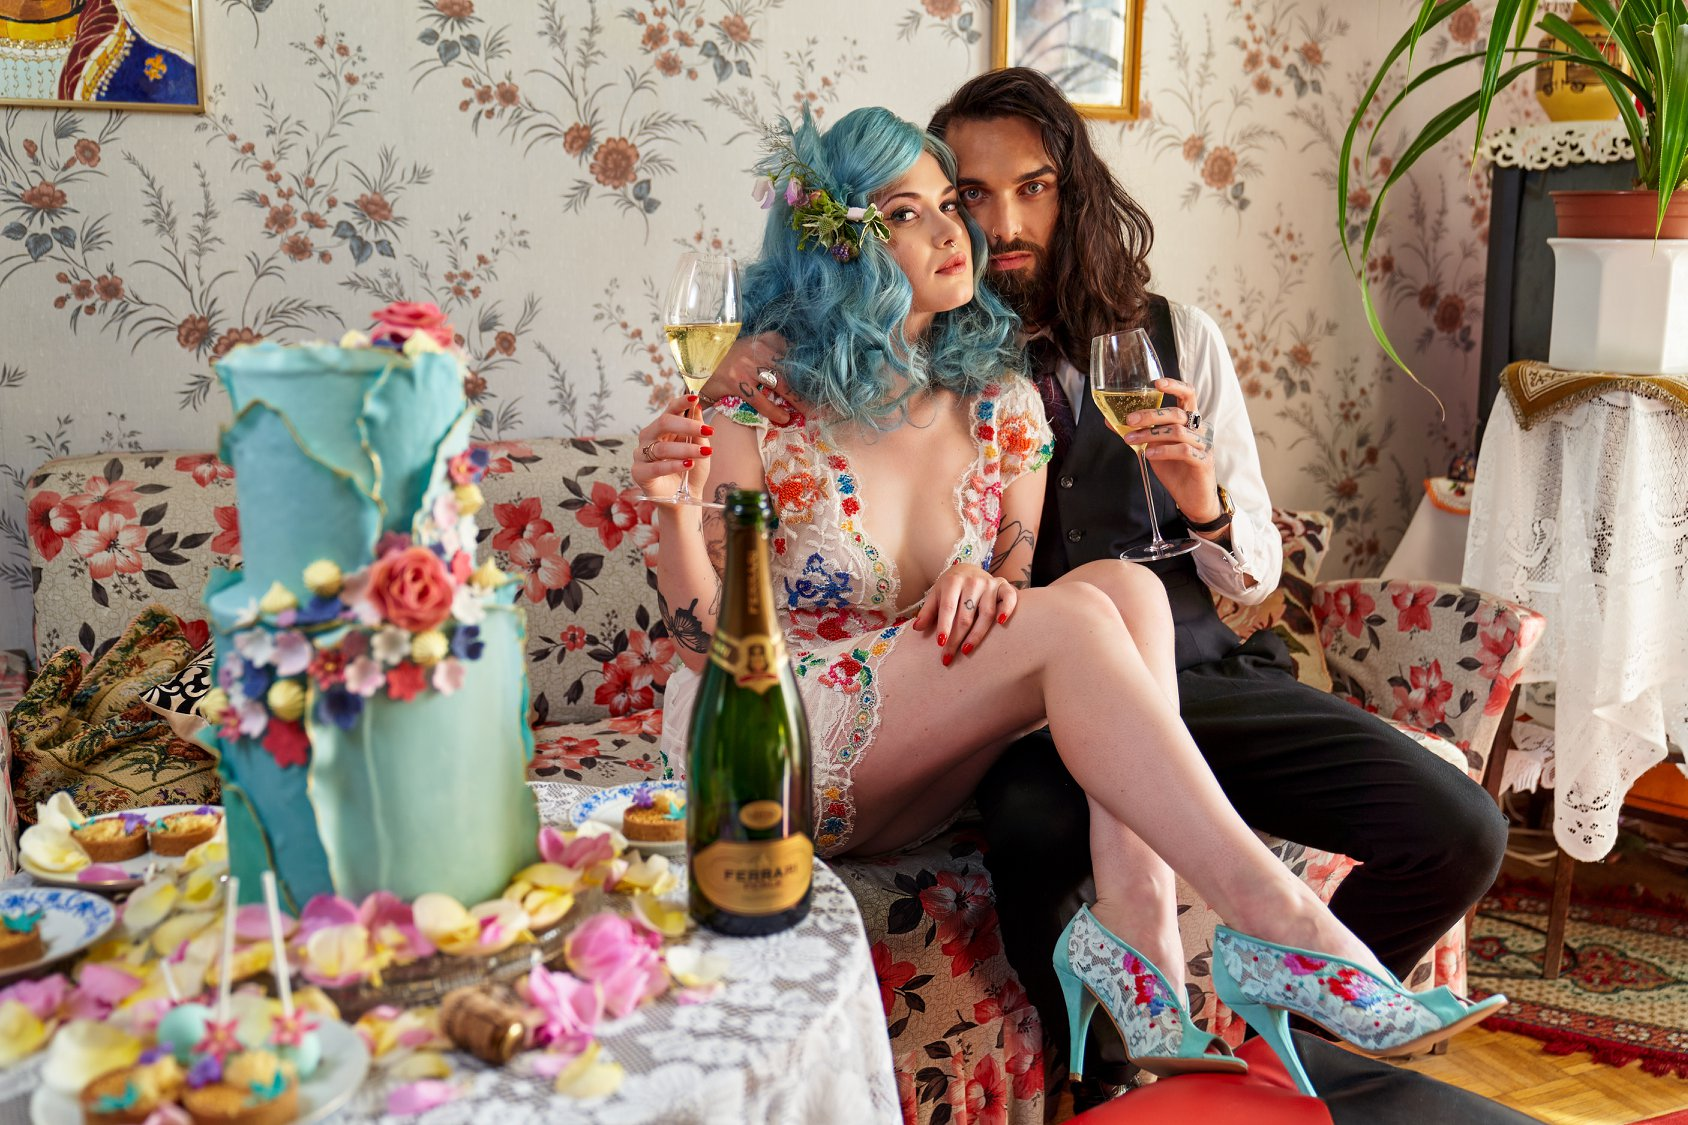 Rengeteg virág, harsány szín és csodás cipő REKAVAGO legújabb retro glam esküvői kreatív anyagában – interjú a tervezővel